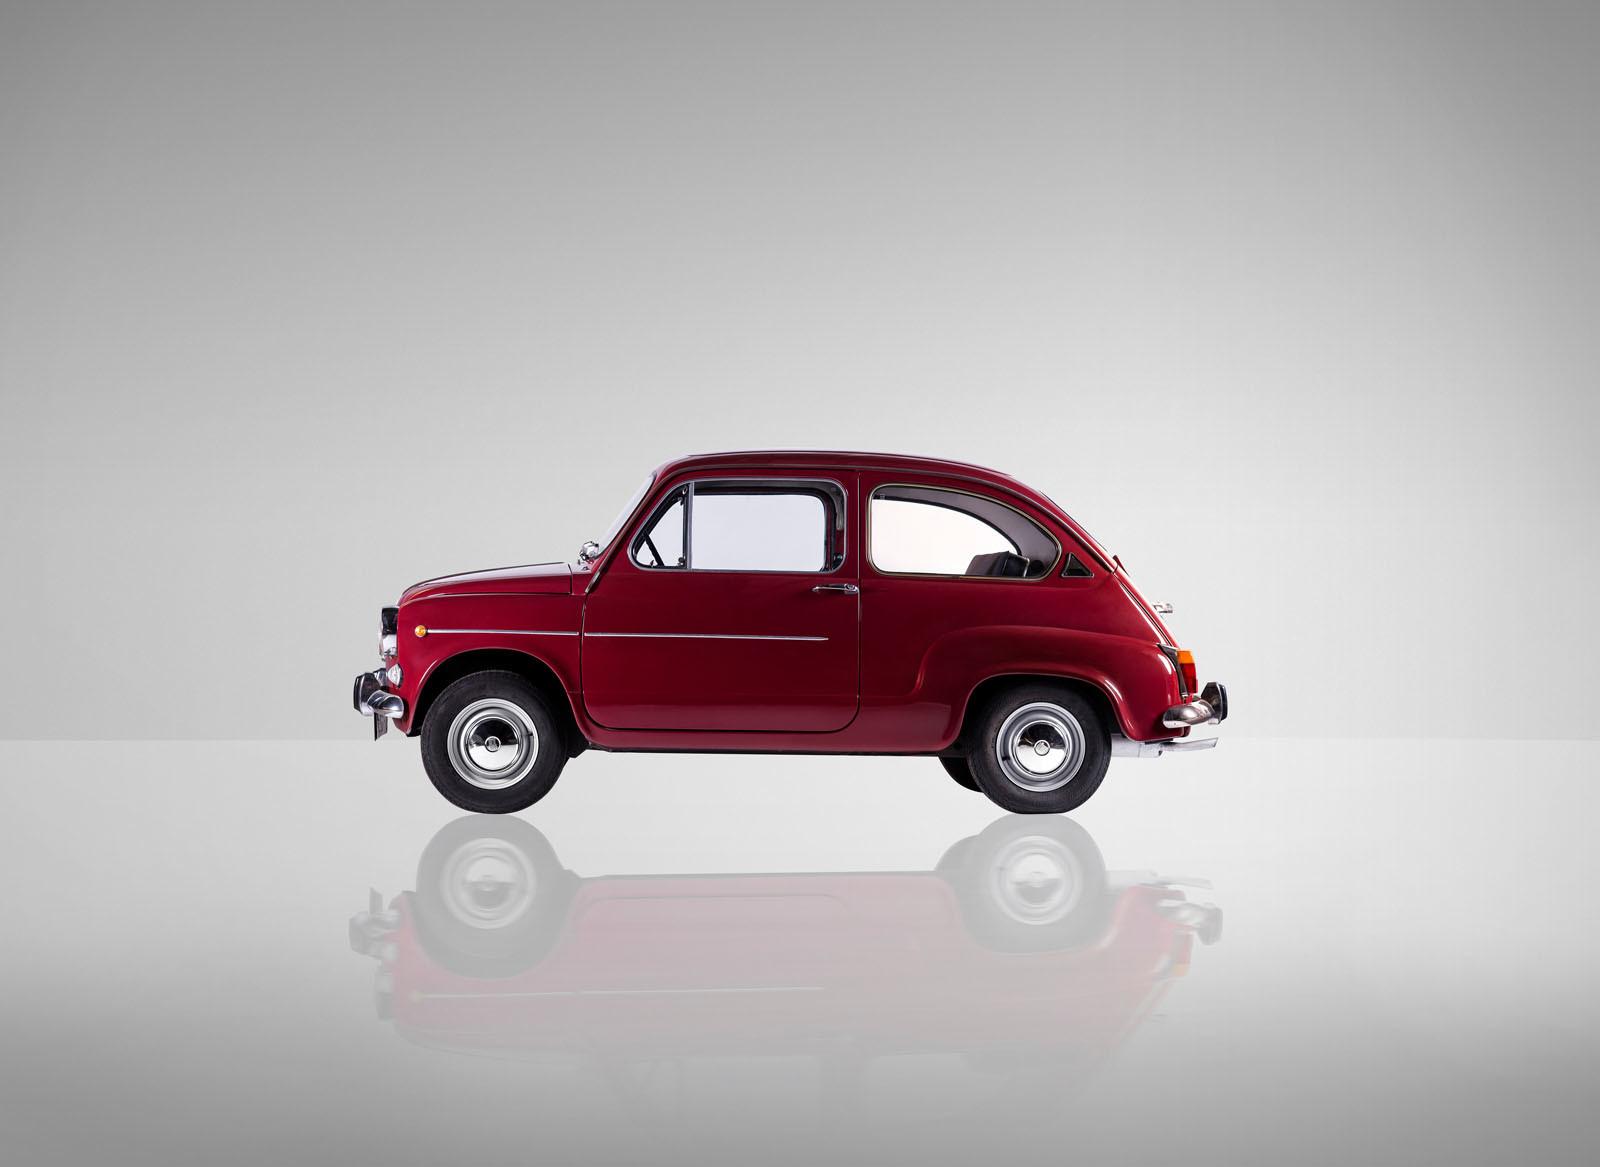 Foto de SEAT 600 (50 Aniversario) (39/64)